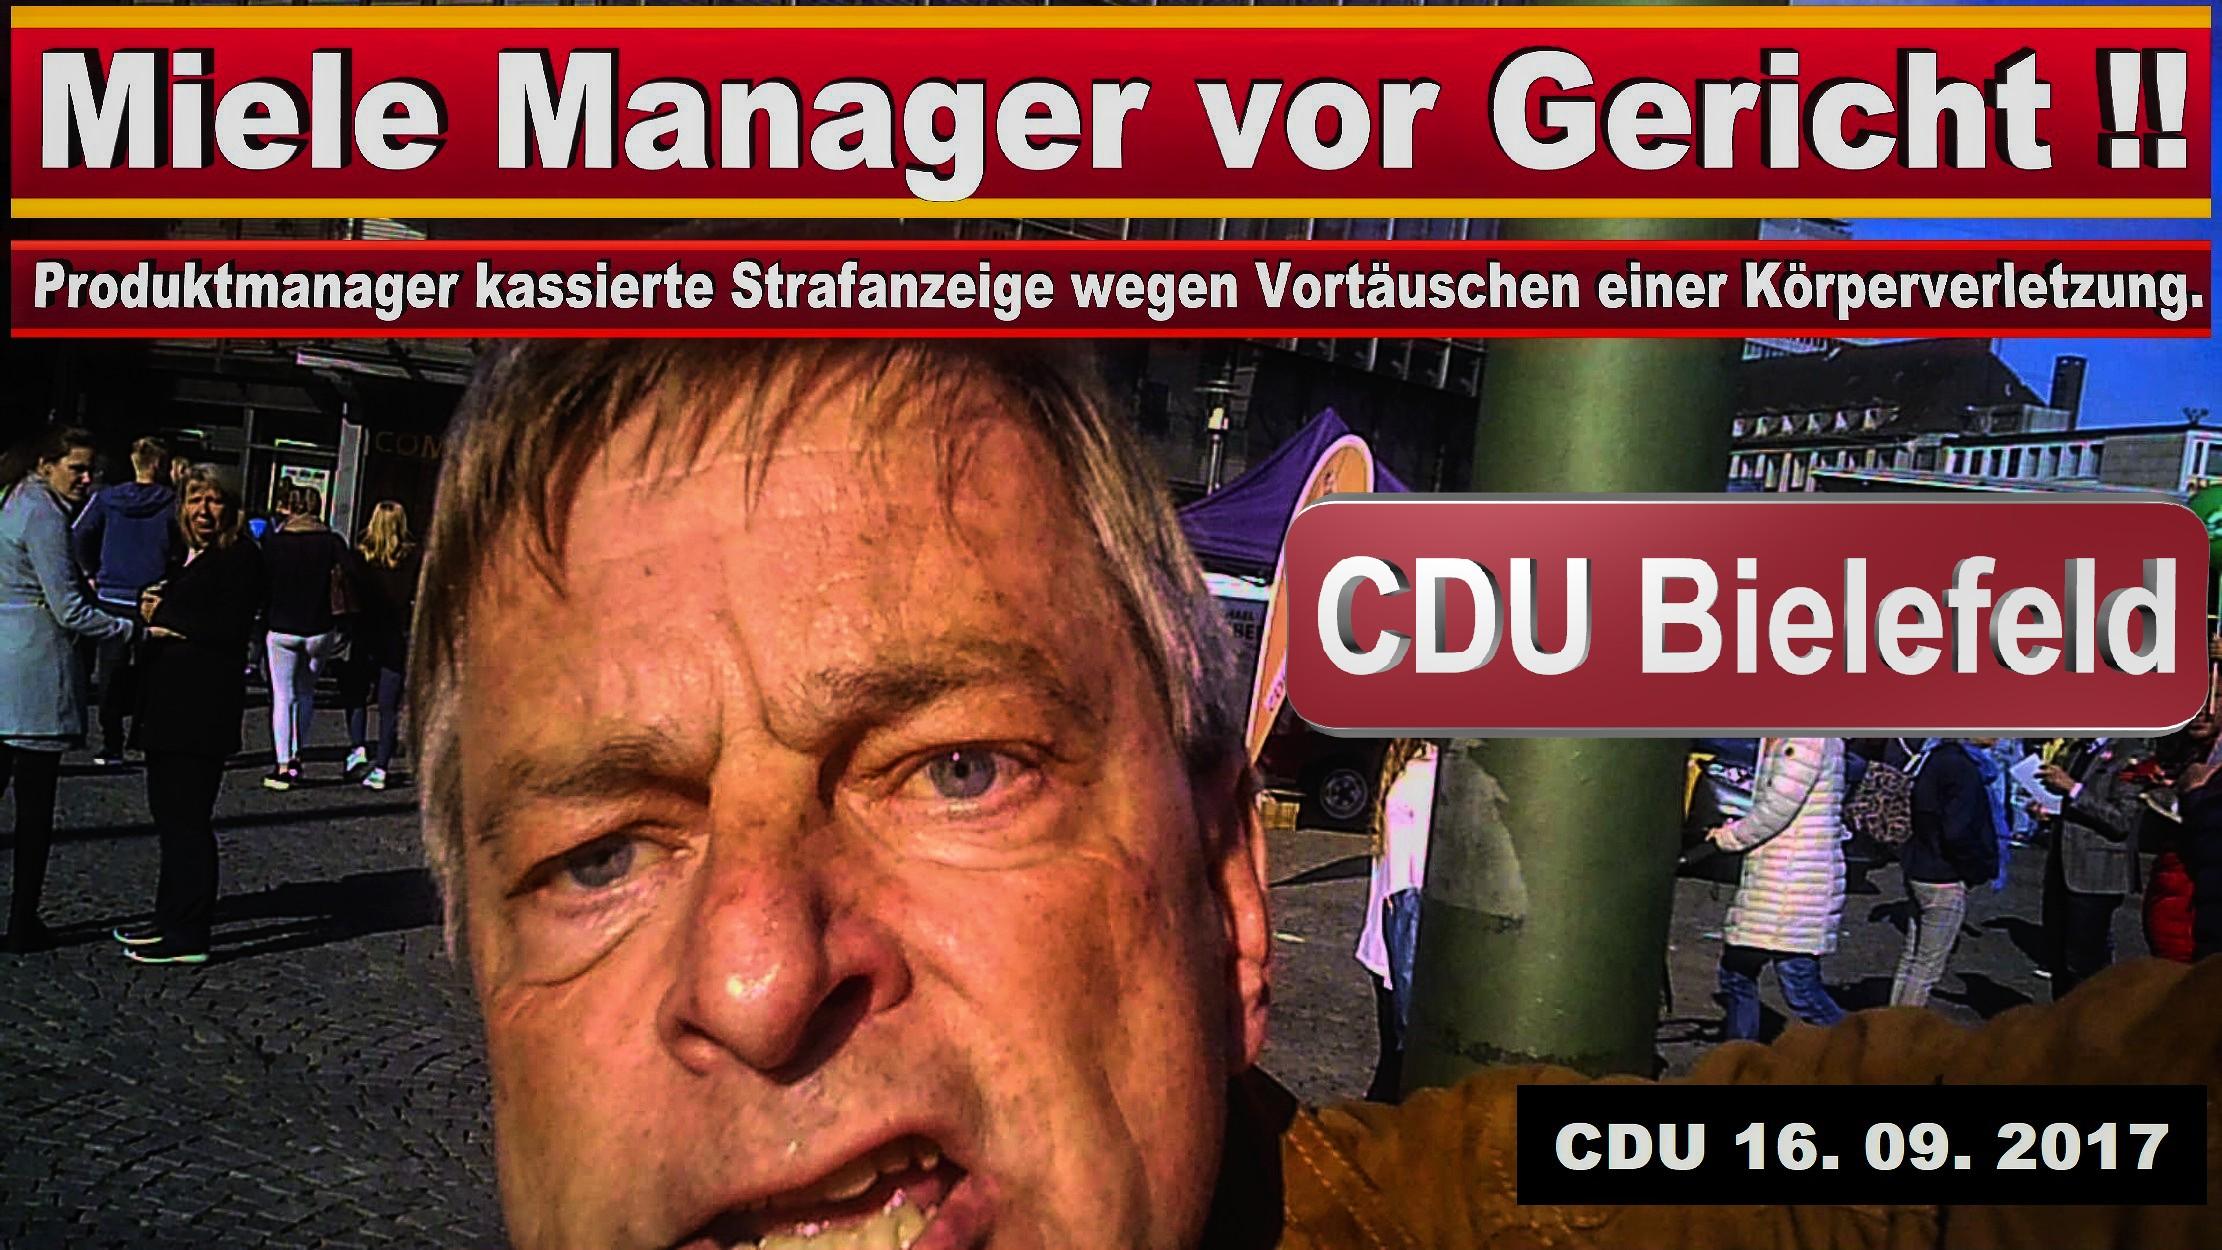 MICHAEL WEBER MIELE GüTERSLOH CDU BIELEFELD POLIZEIGEWALT GEWALTAUSBRUCH UND STRAFANZEIGE GEGEN EINEN JOURNALISTEN FTJU(1) EDIT KOPIE